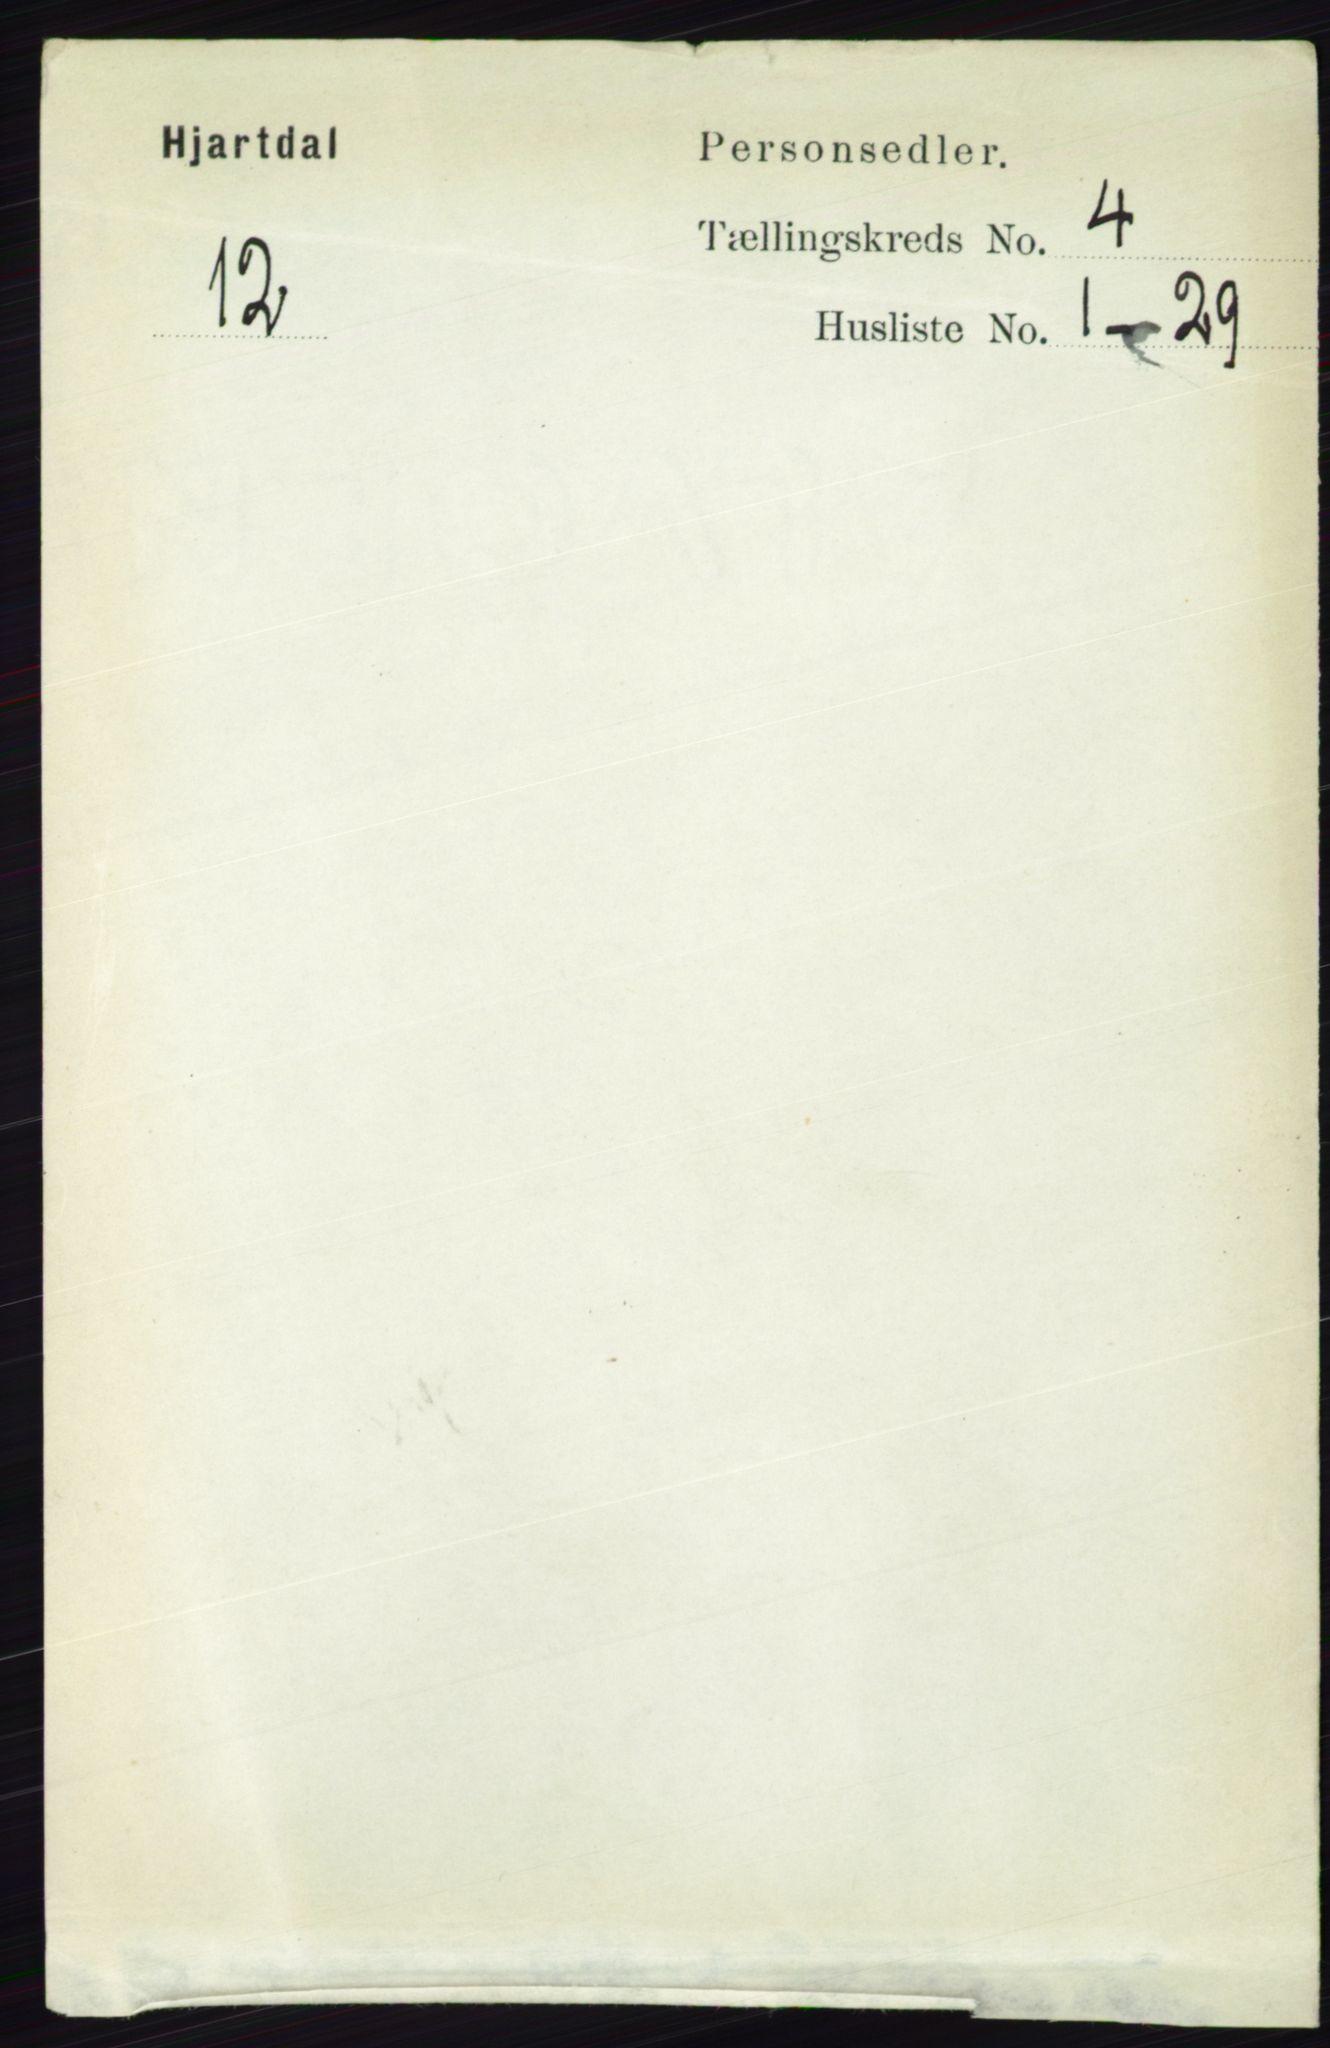 RA, Folketelling 1891 for 0827 Hjartdal herred, 1891, s. 1395